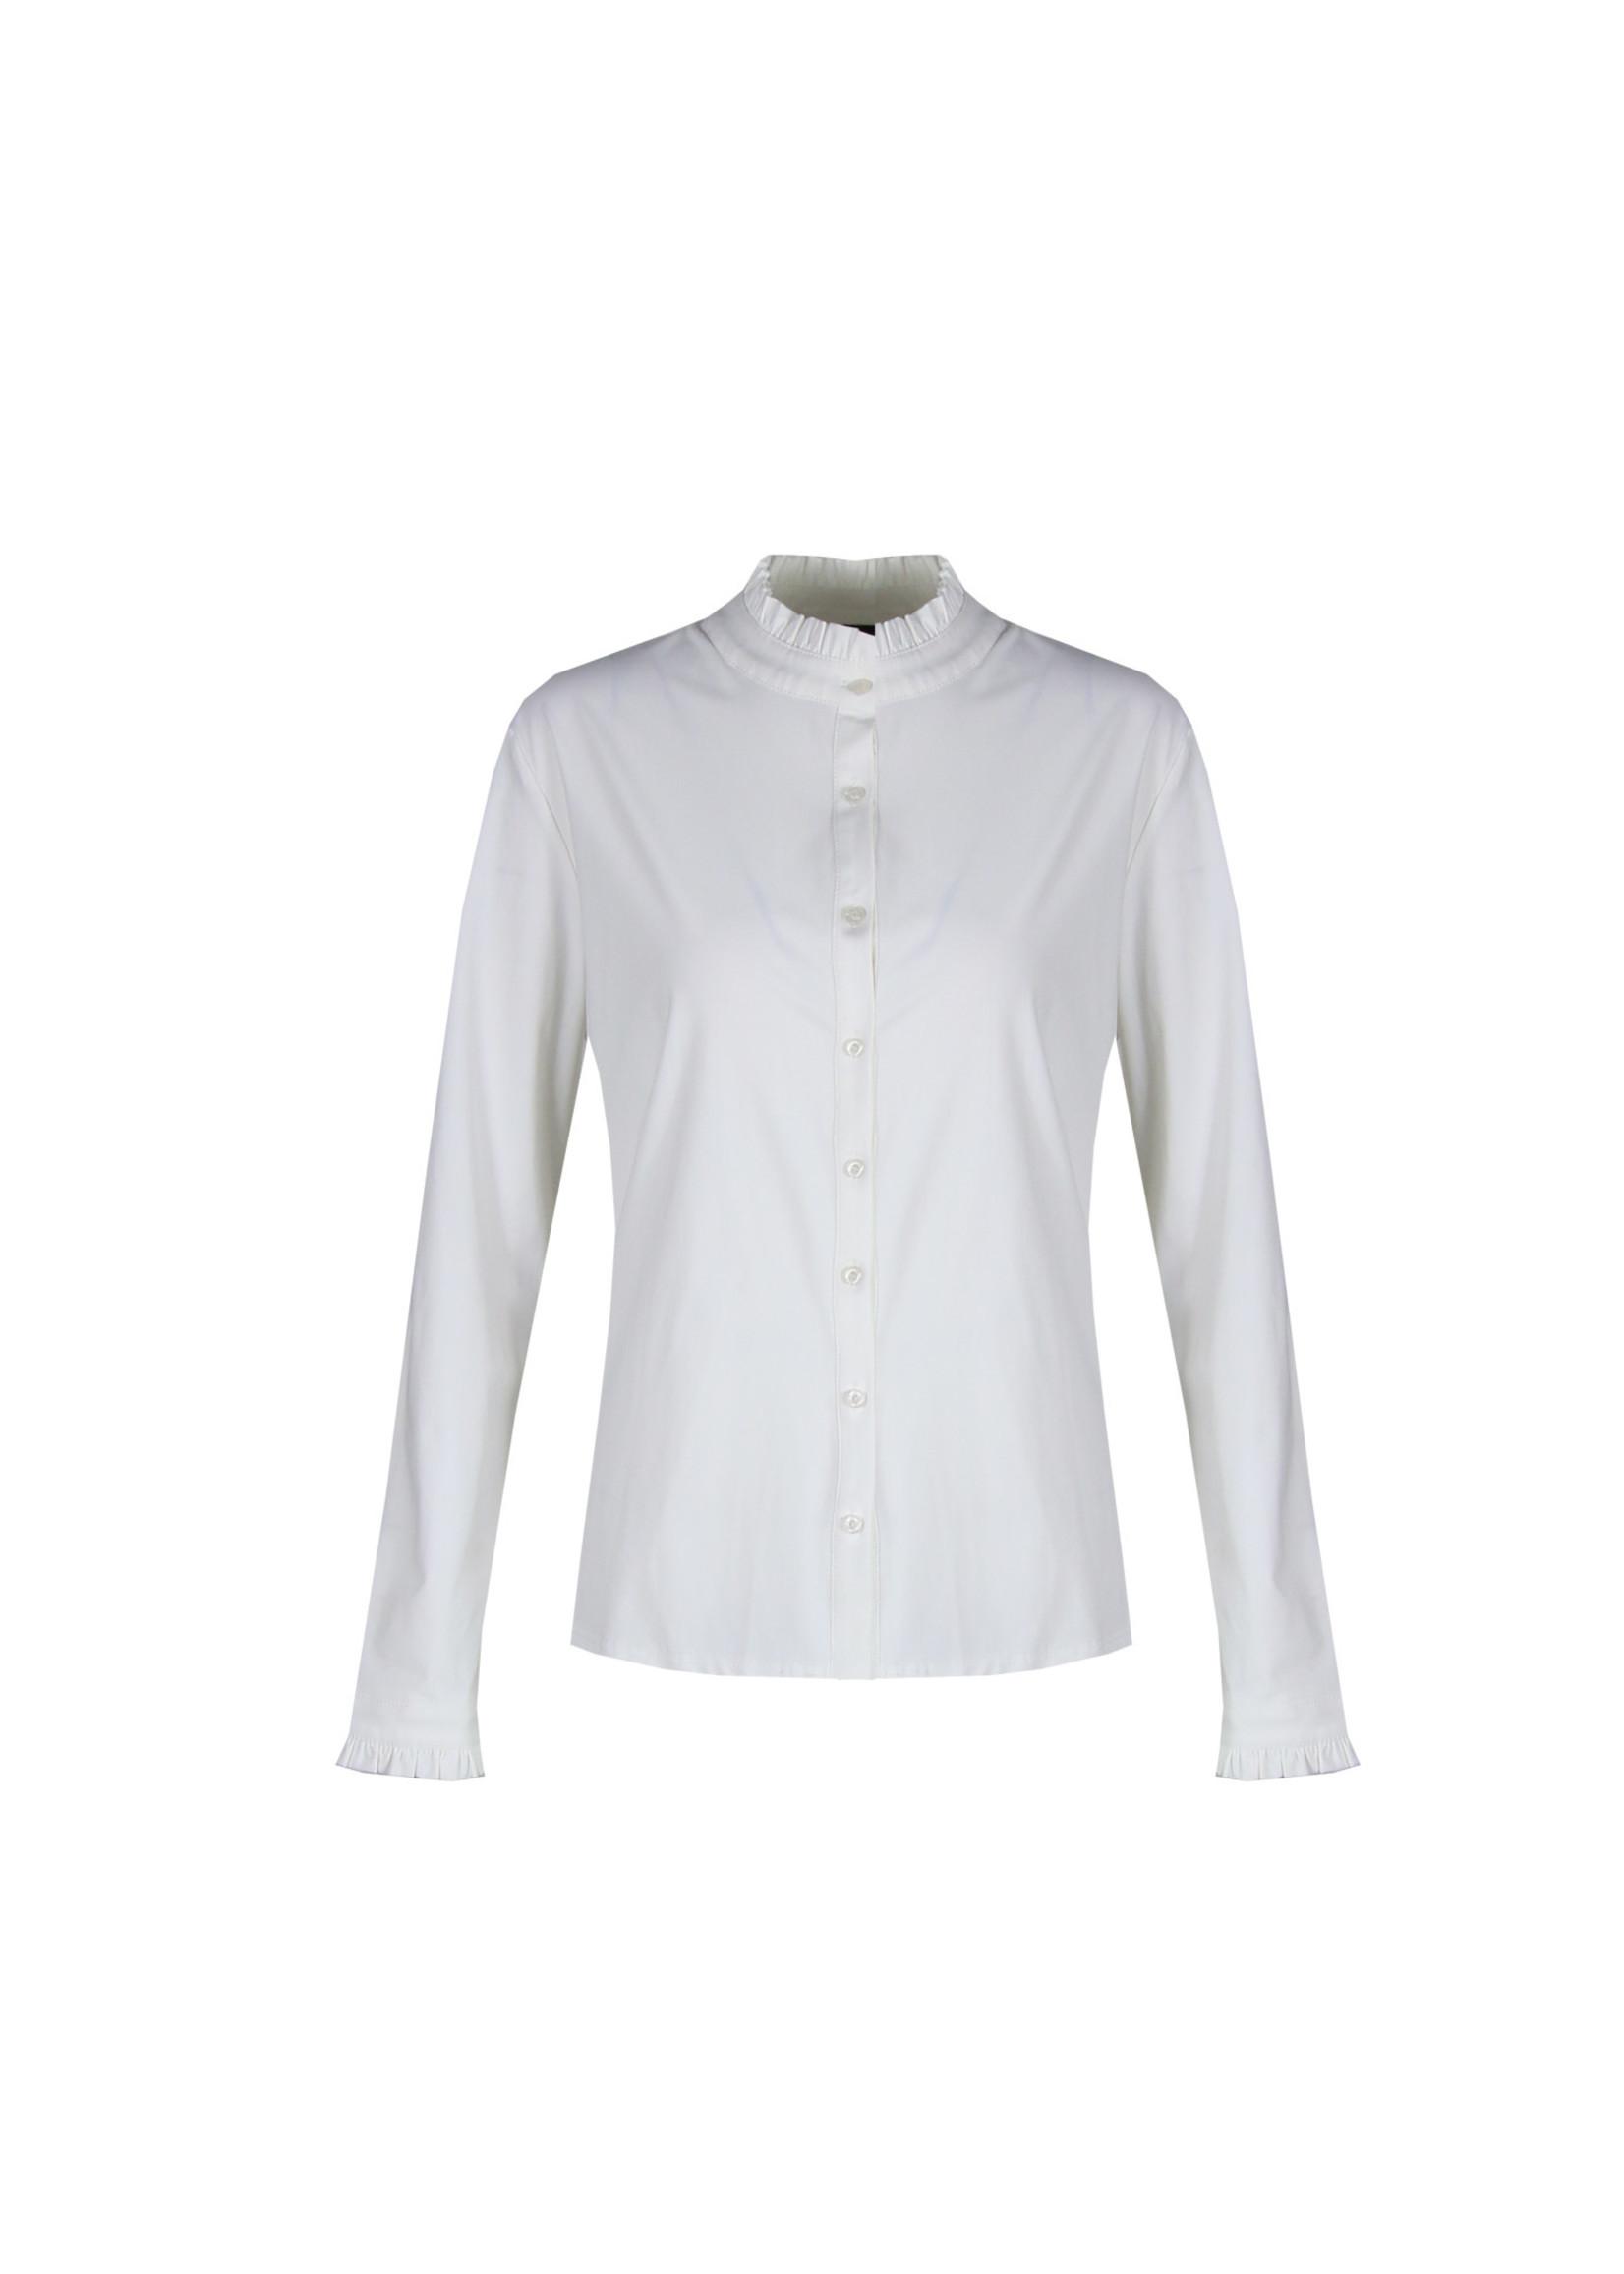 G-Maxx G-maxx - Ceylin blouse - Wit